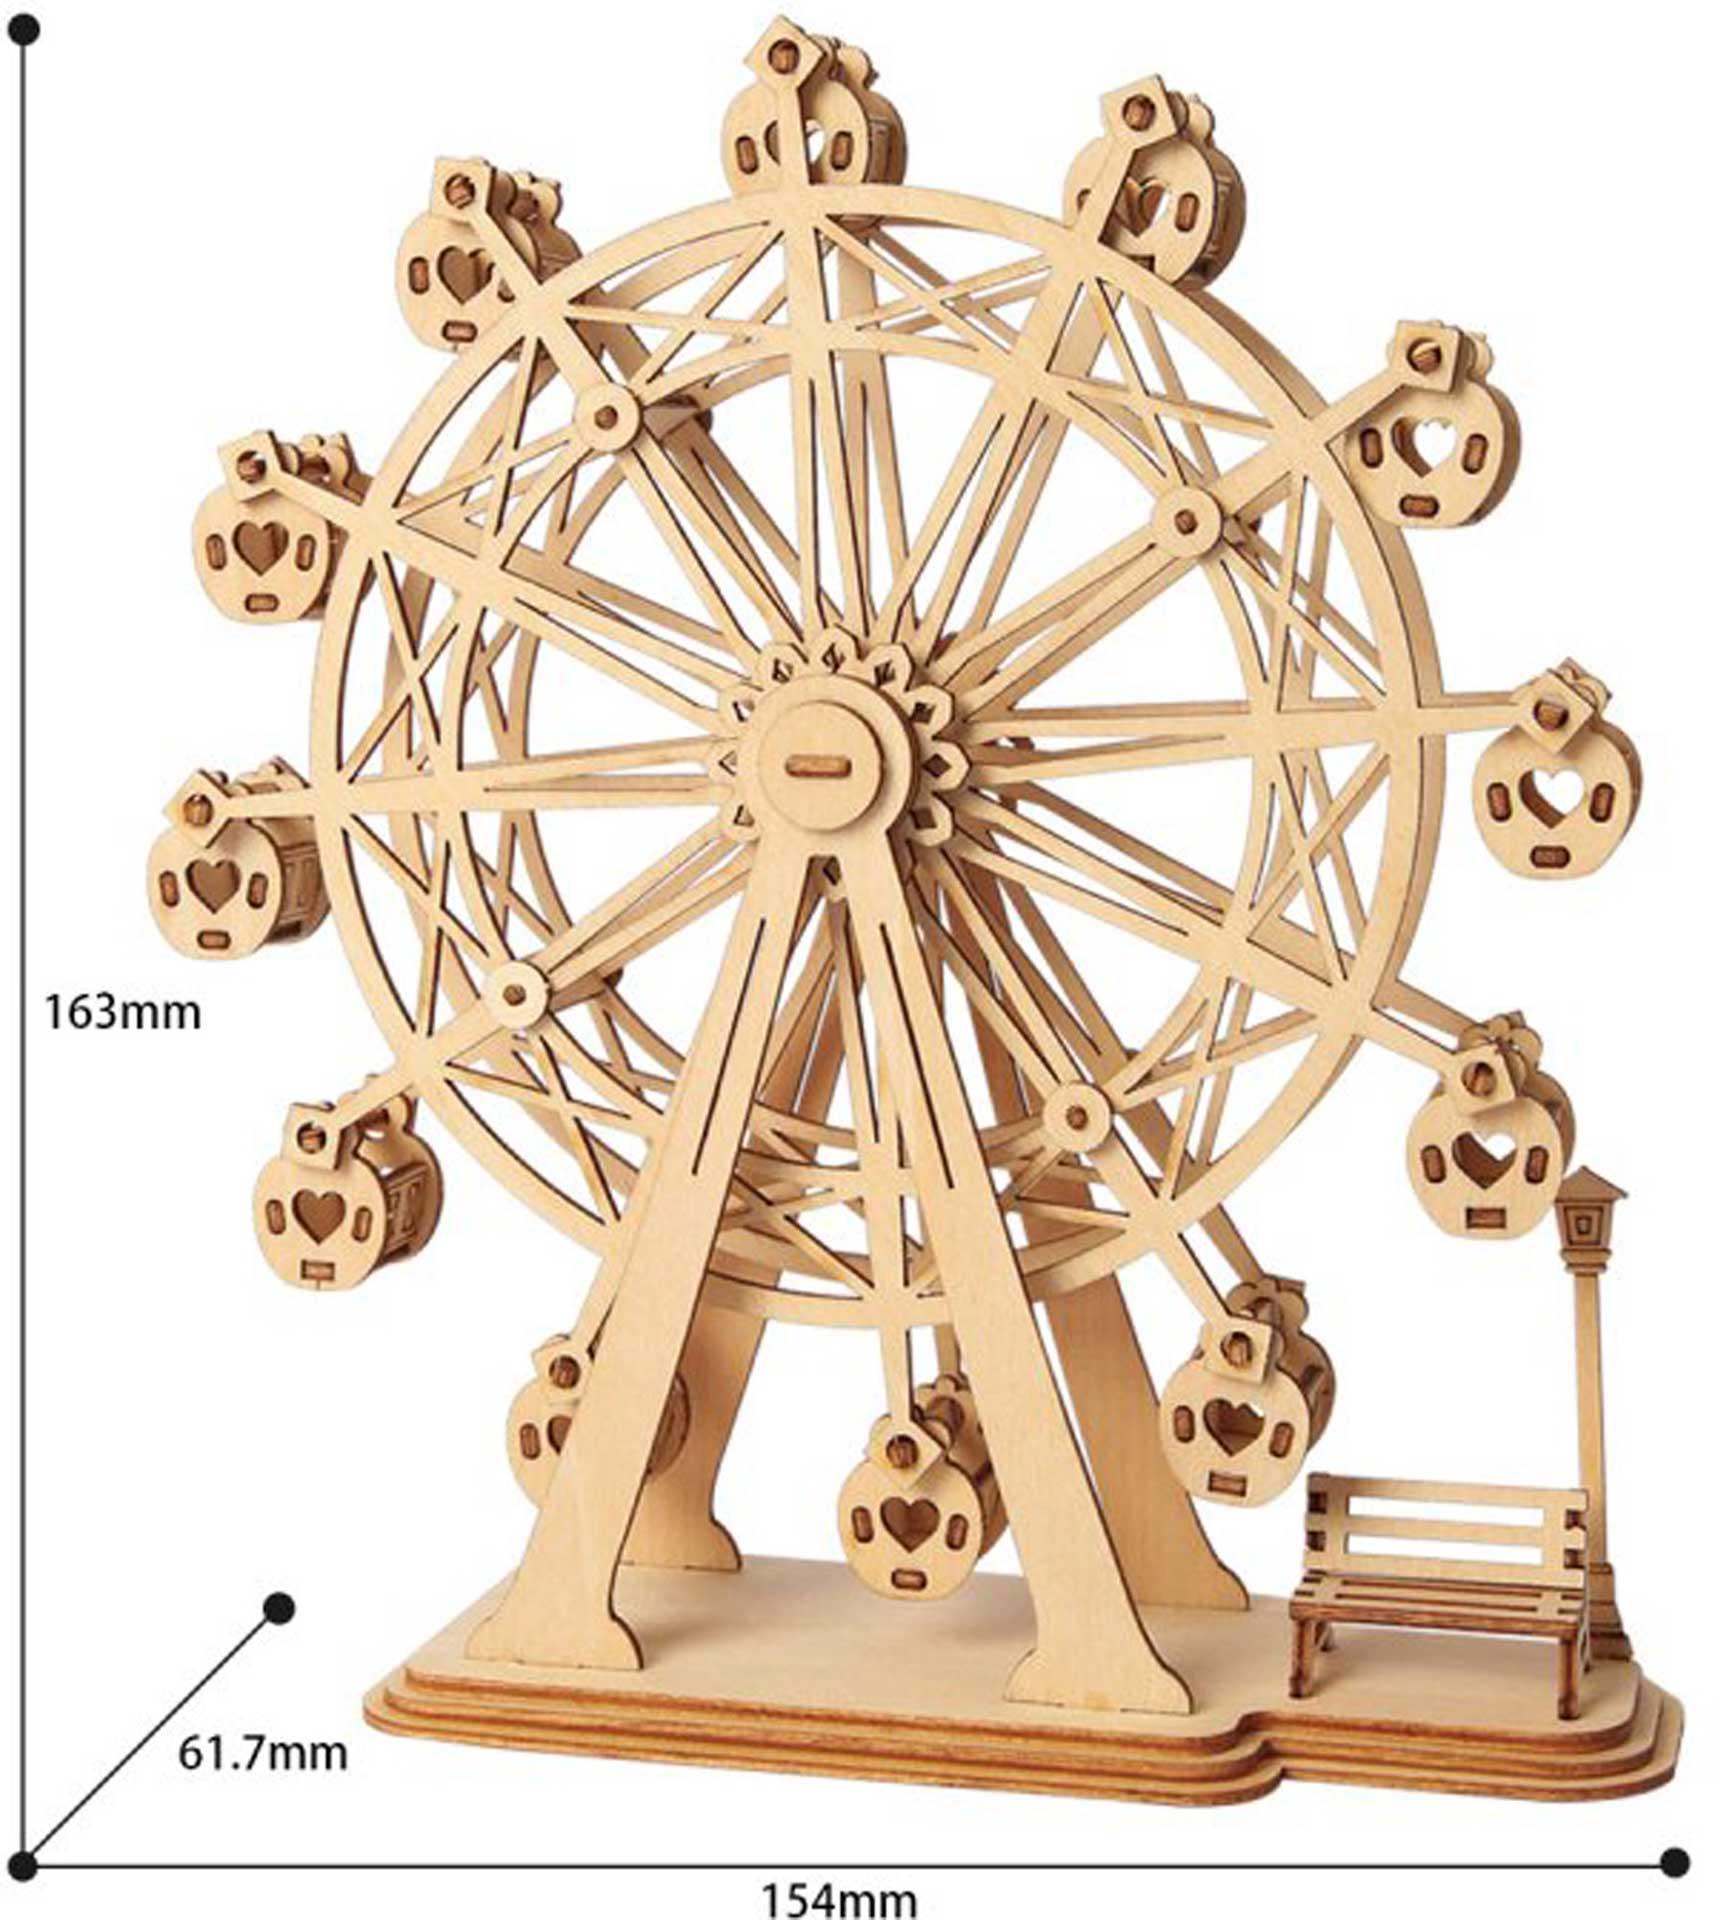 PICHLER Riesenrad (Lasercut Holzbausatz)